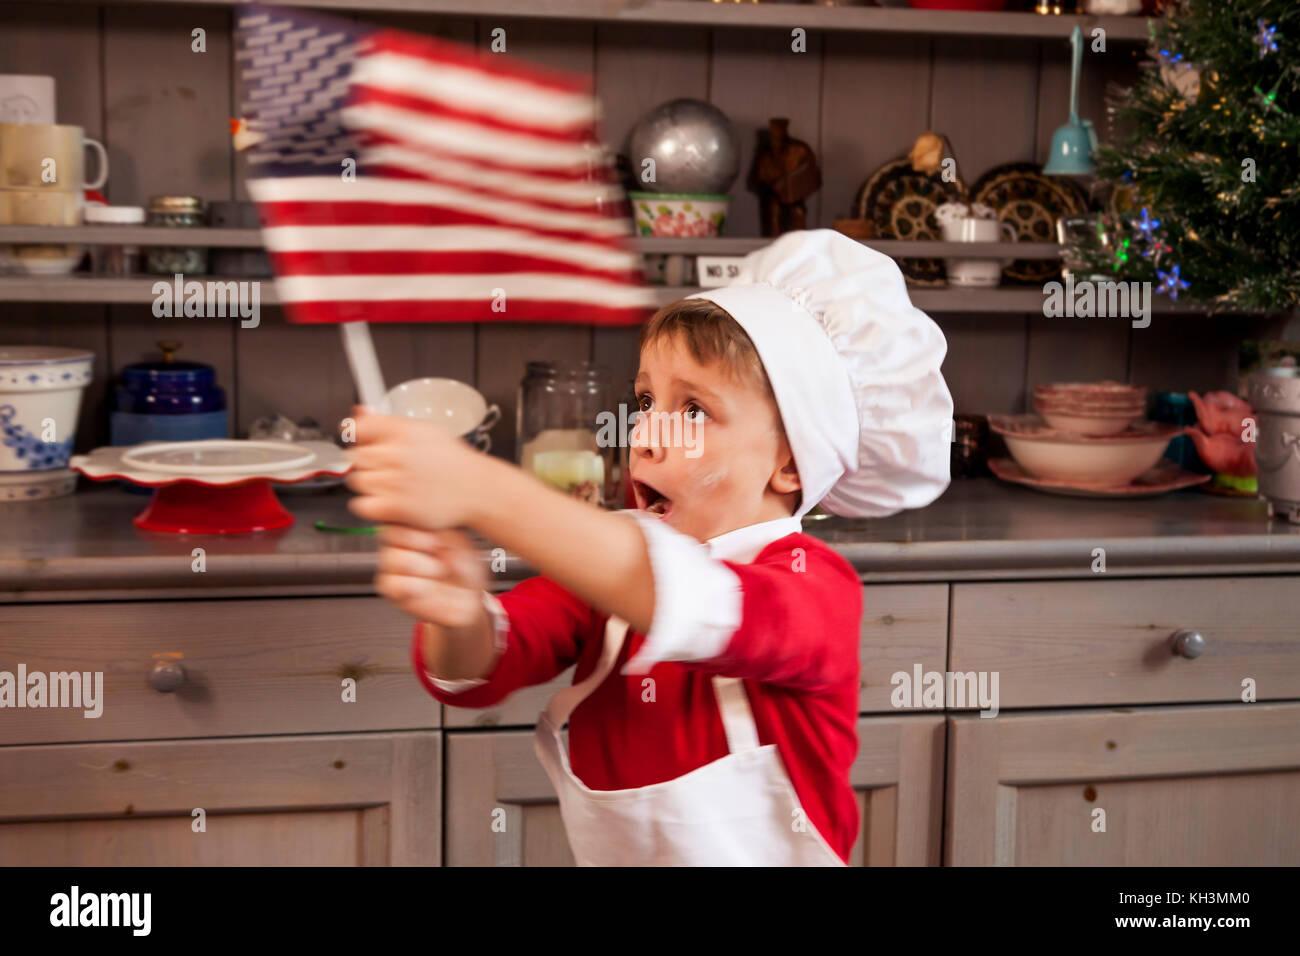 Giovane uomo sventolare la bandiera americana in cucina per natale ...